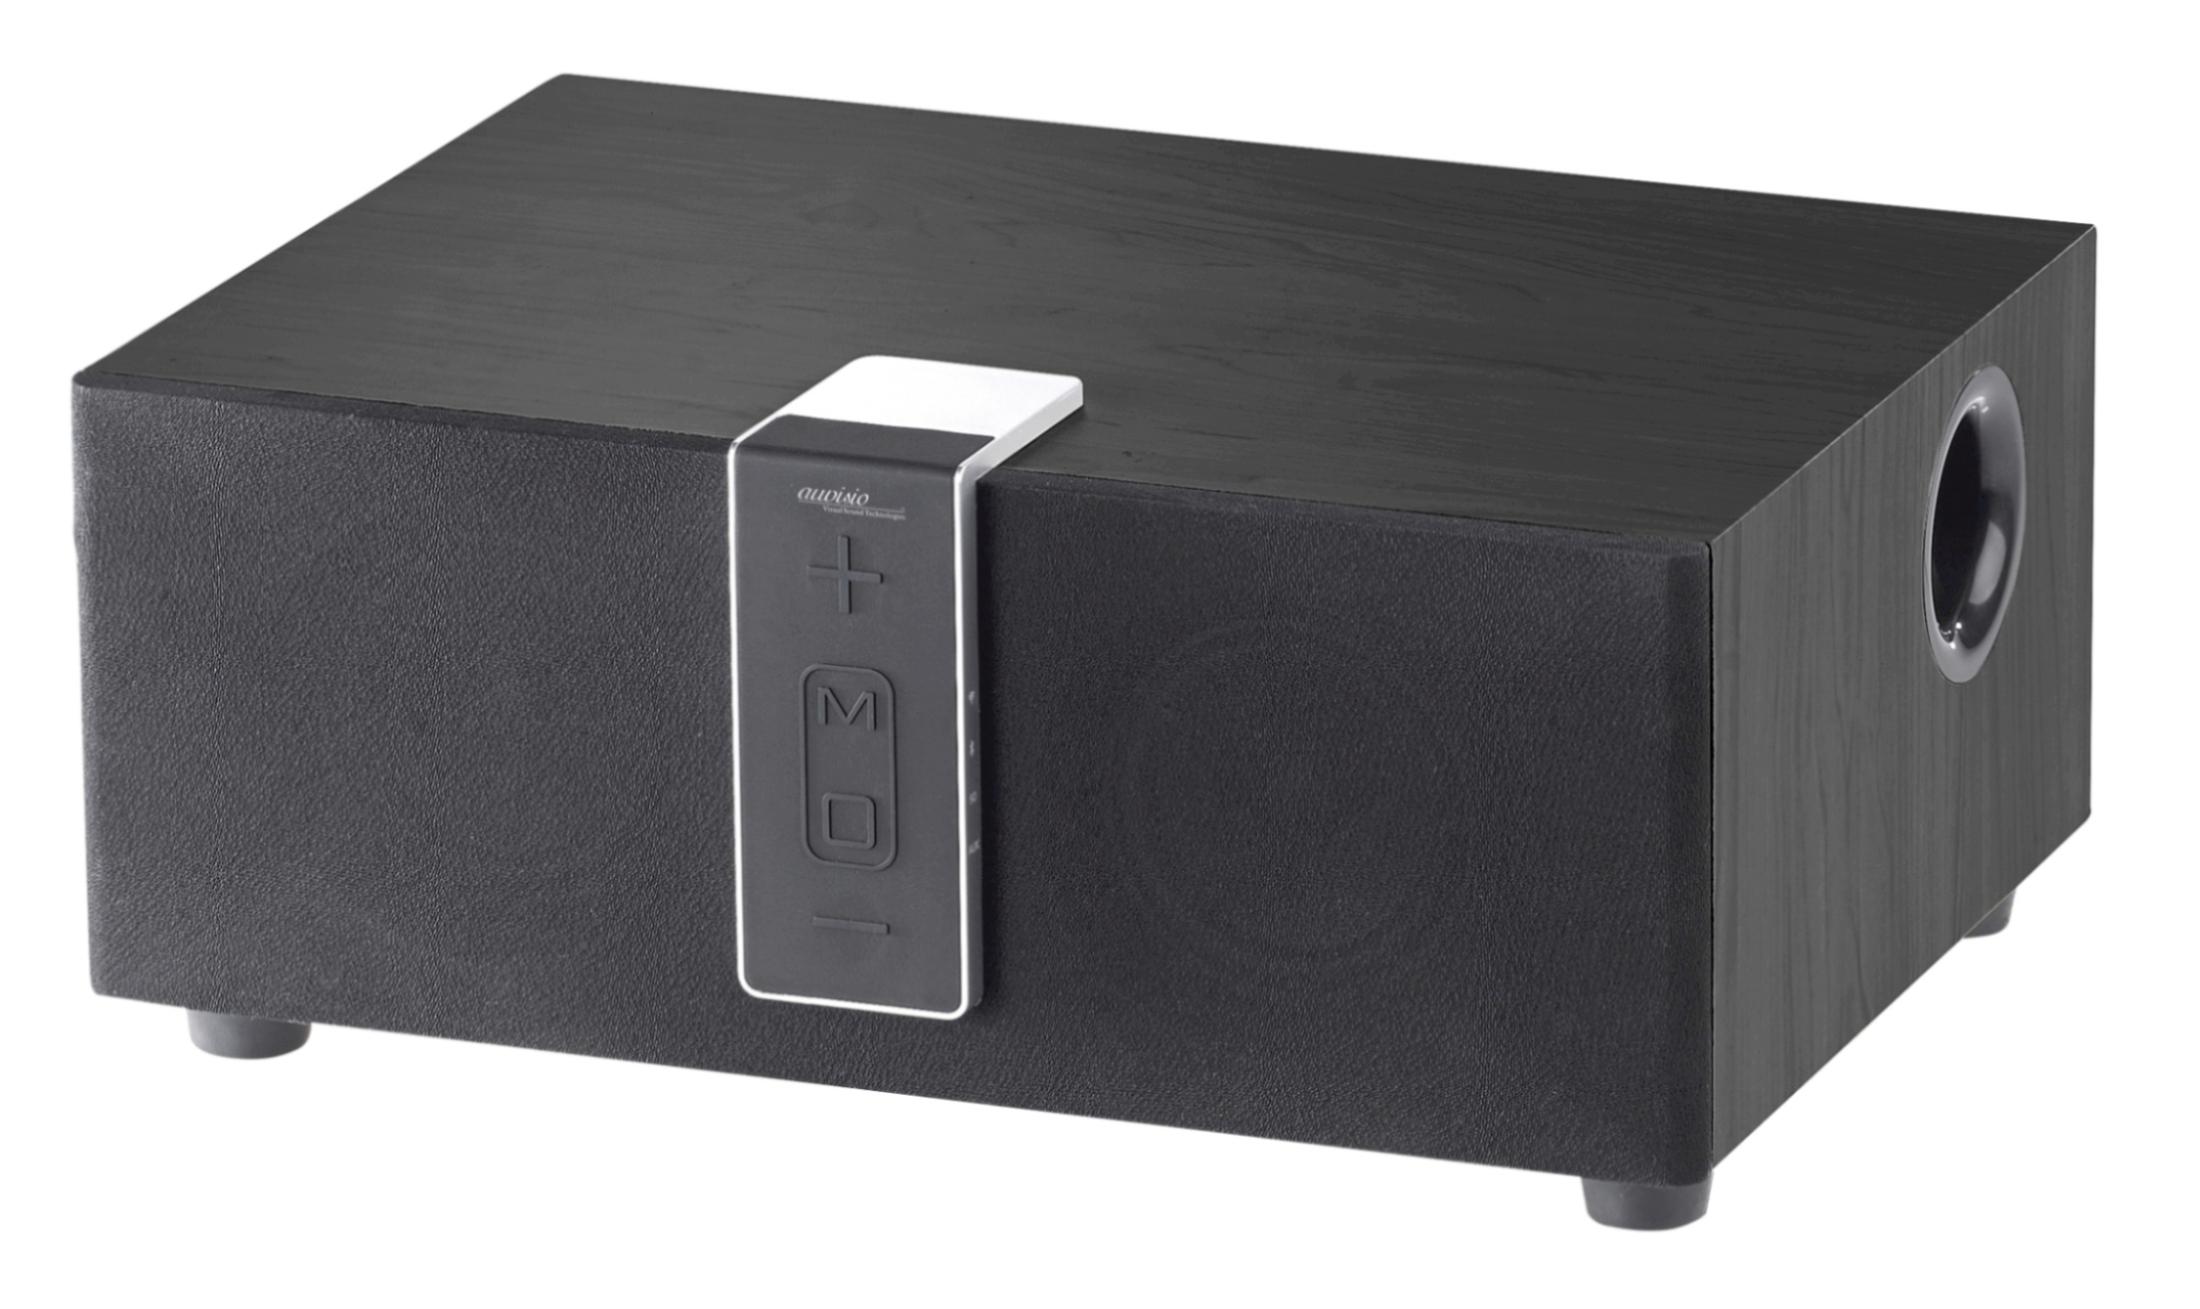 auvisio WLAN-Multiroom-Lautsprecher mit Subwoofer und BT